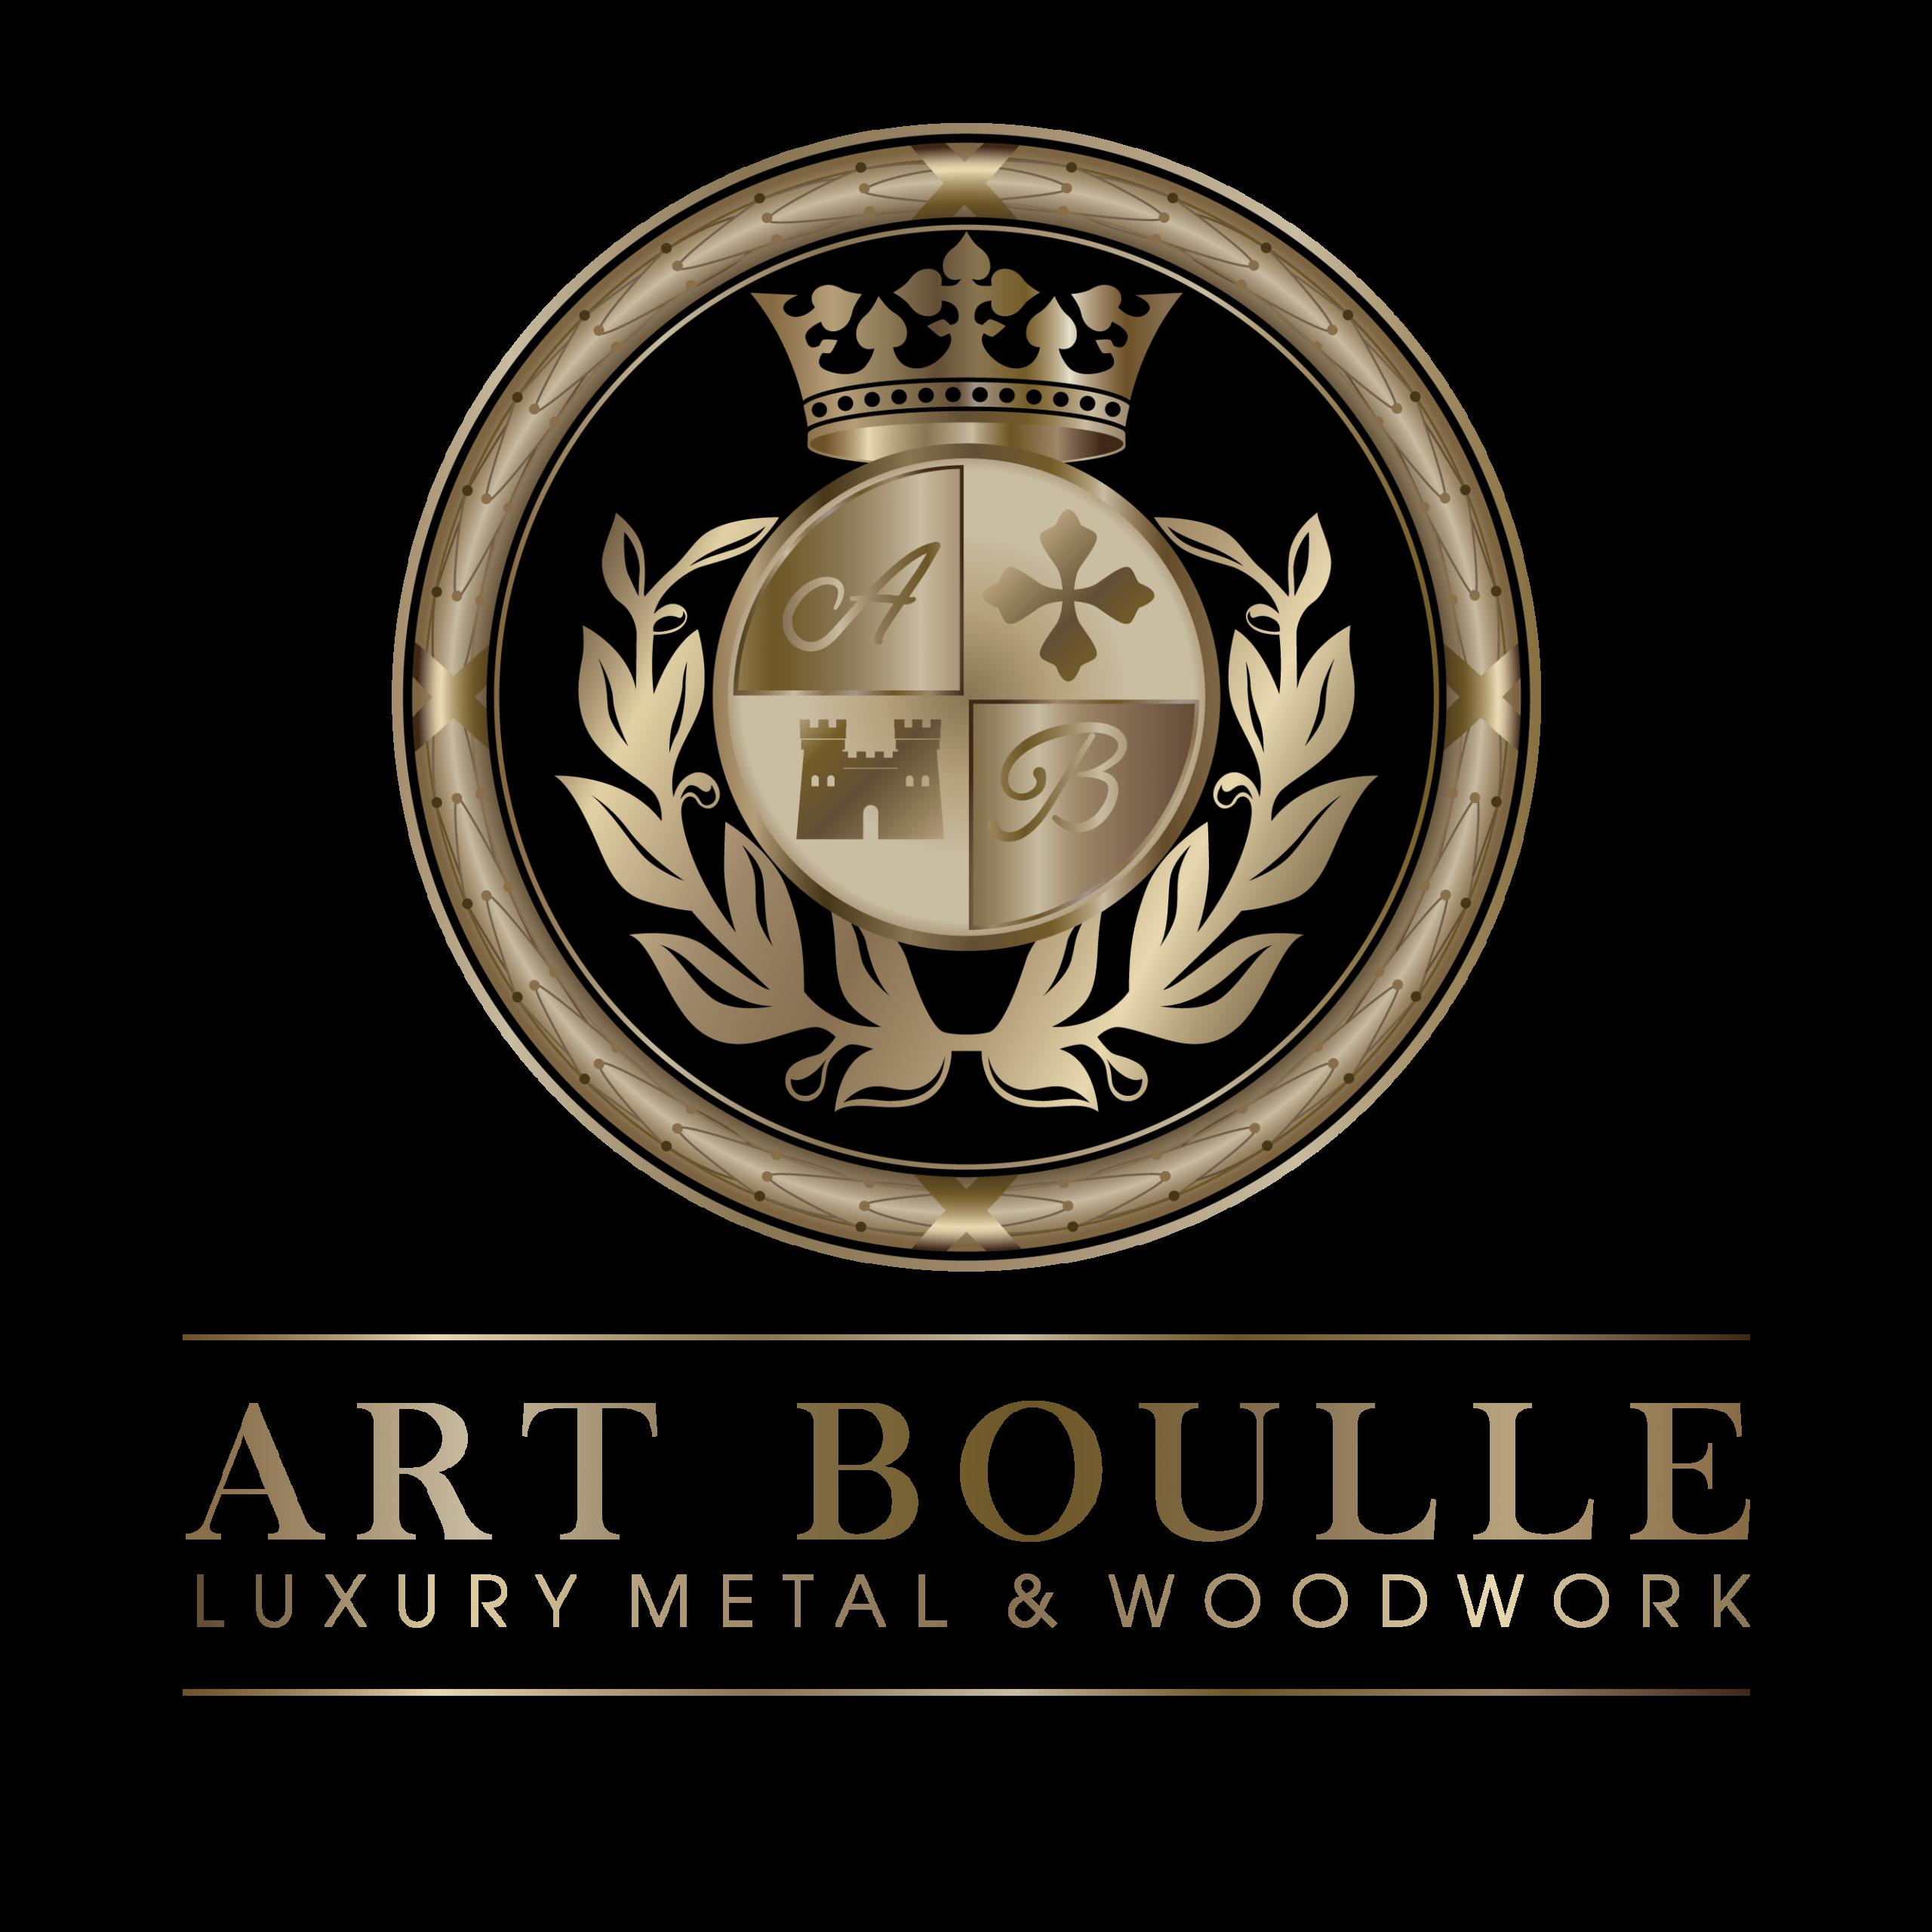 Art Boulle